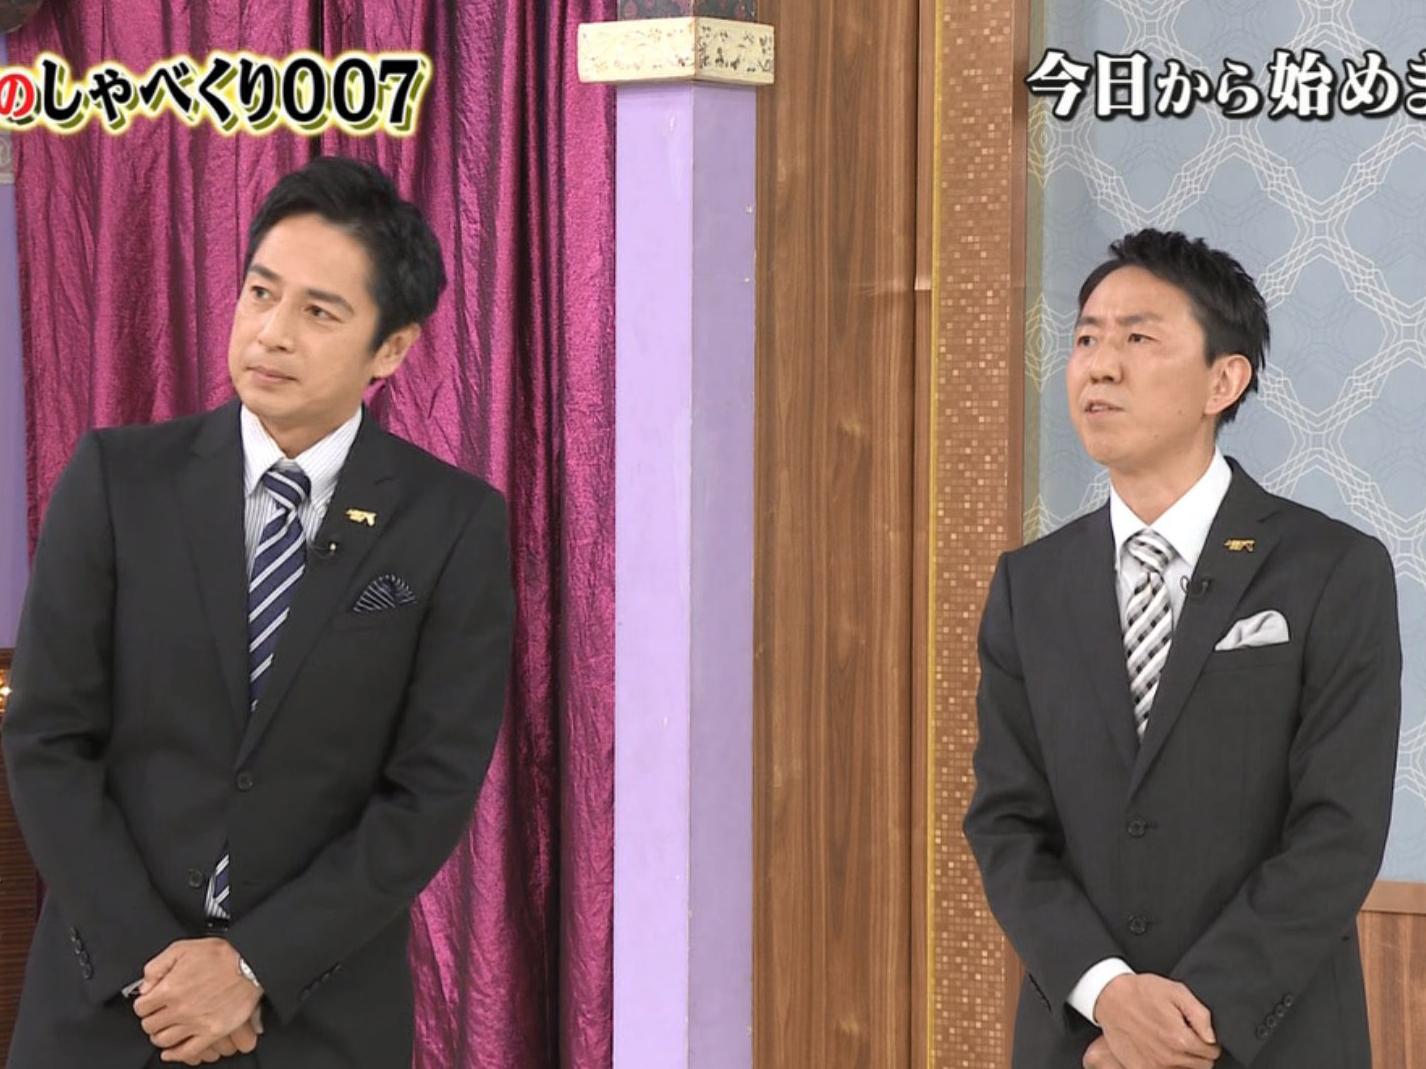 日本网友超开心:德井义实正式回归《闲聊007》!